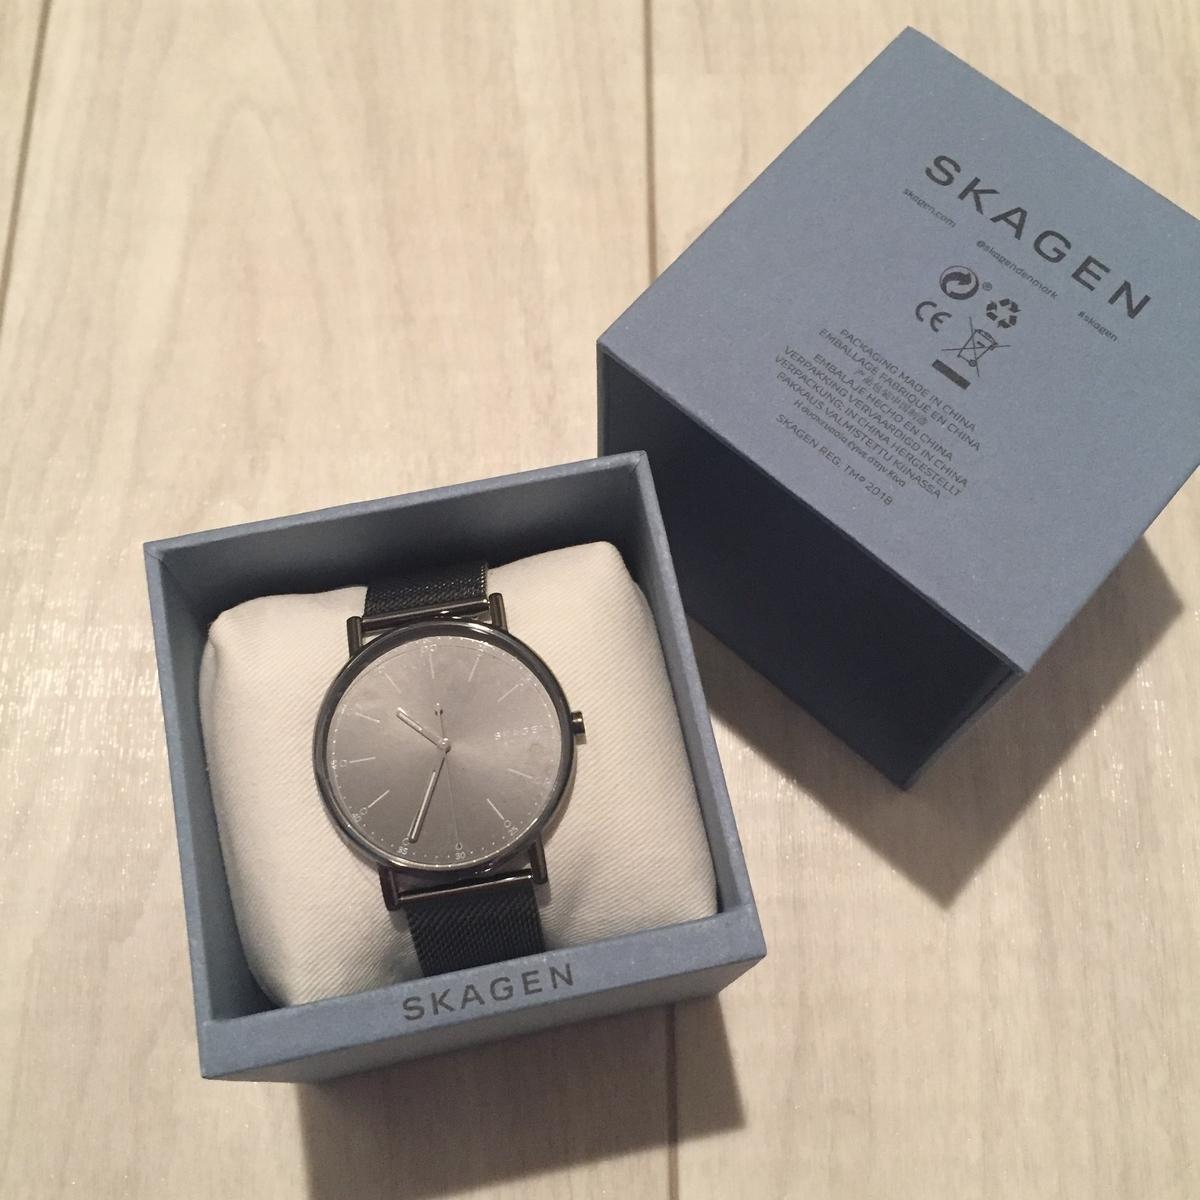 SKAGEN スカーゲン SKW6577 ビジネス 腕時計 グレー メッシュベルト バンド 革 時間 ビジネスマン 社会人 新社会人